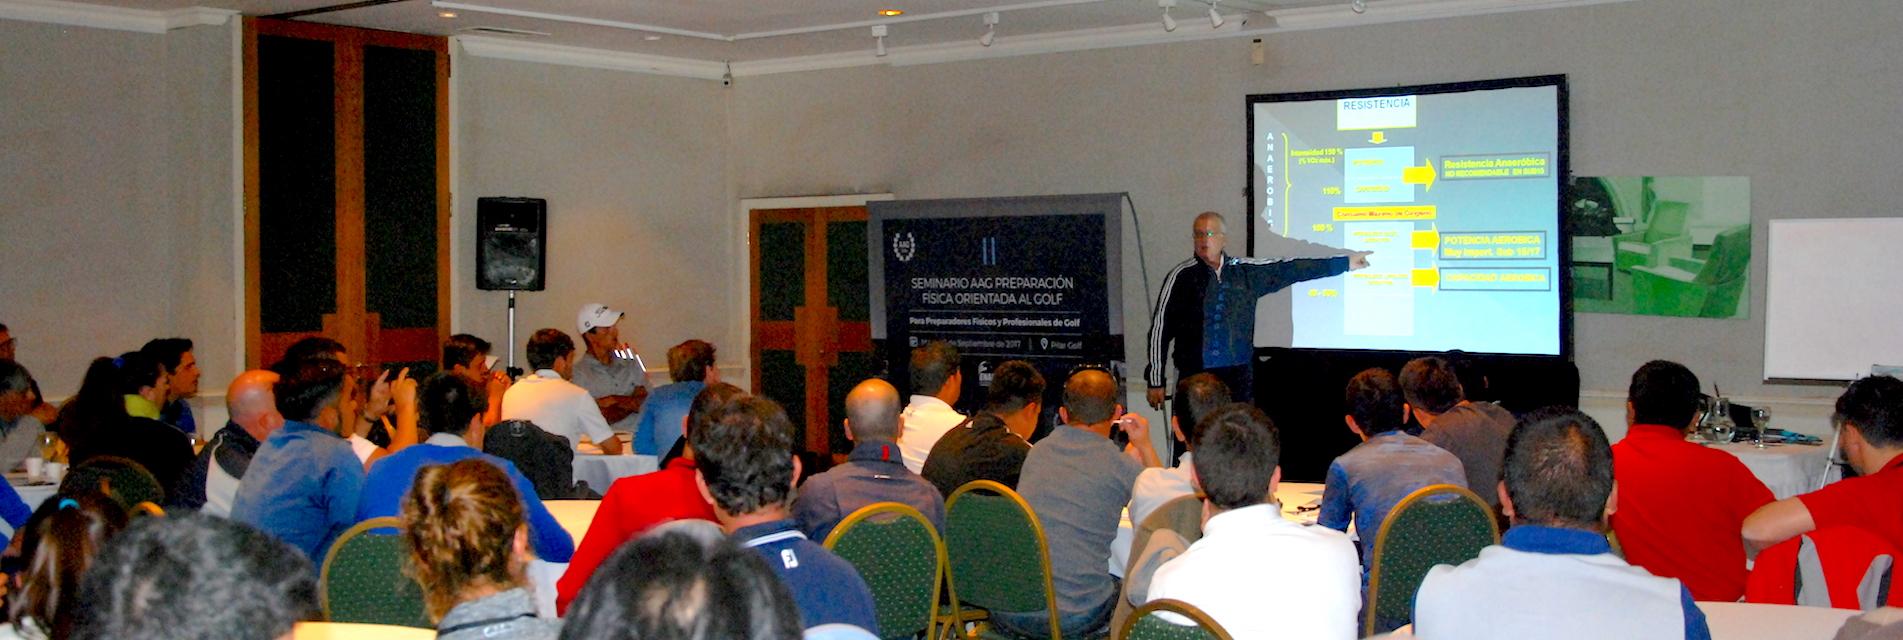 seminario 2017 slide